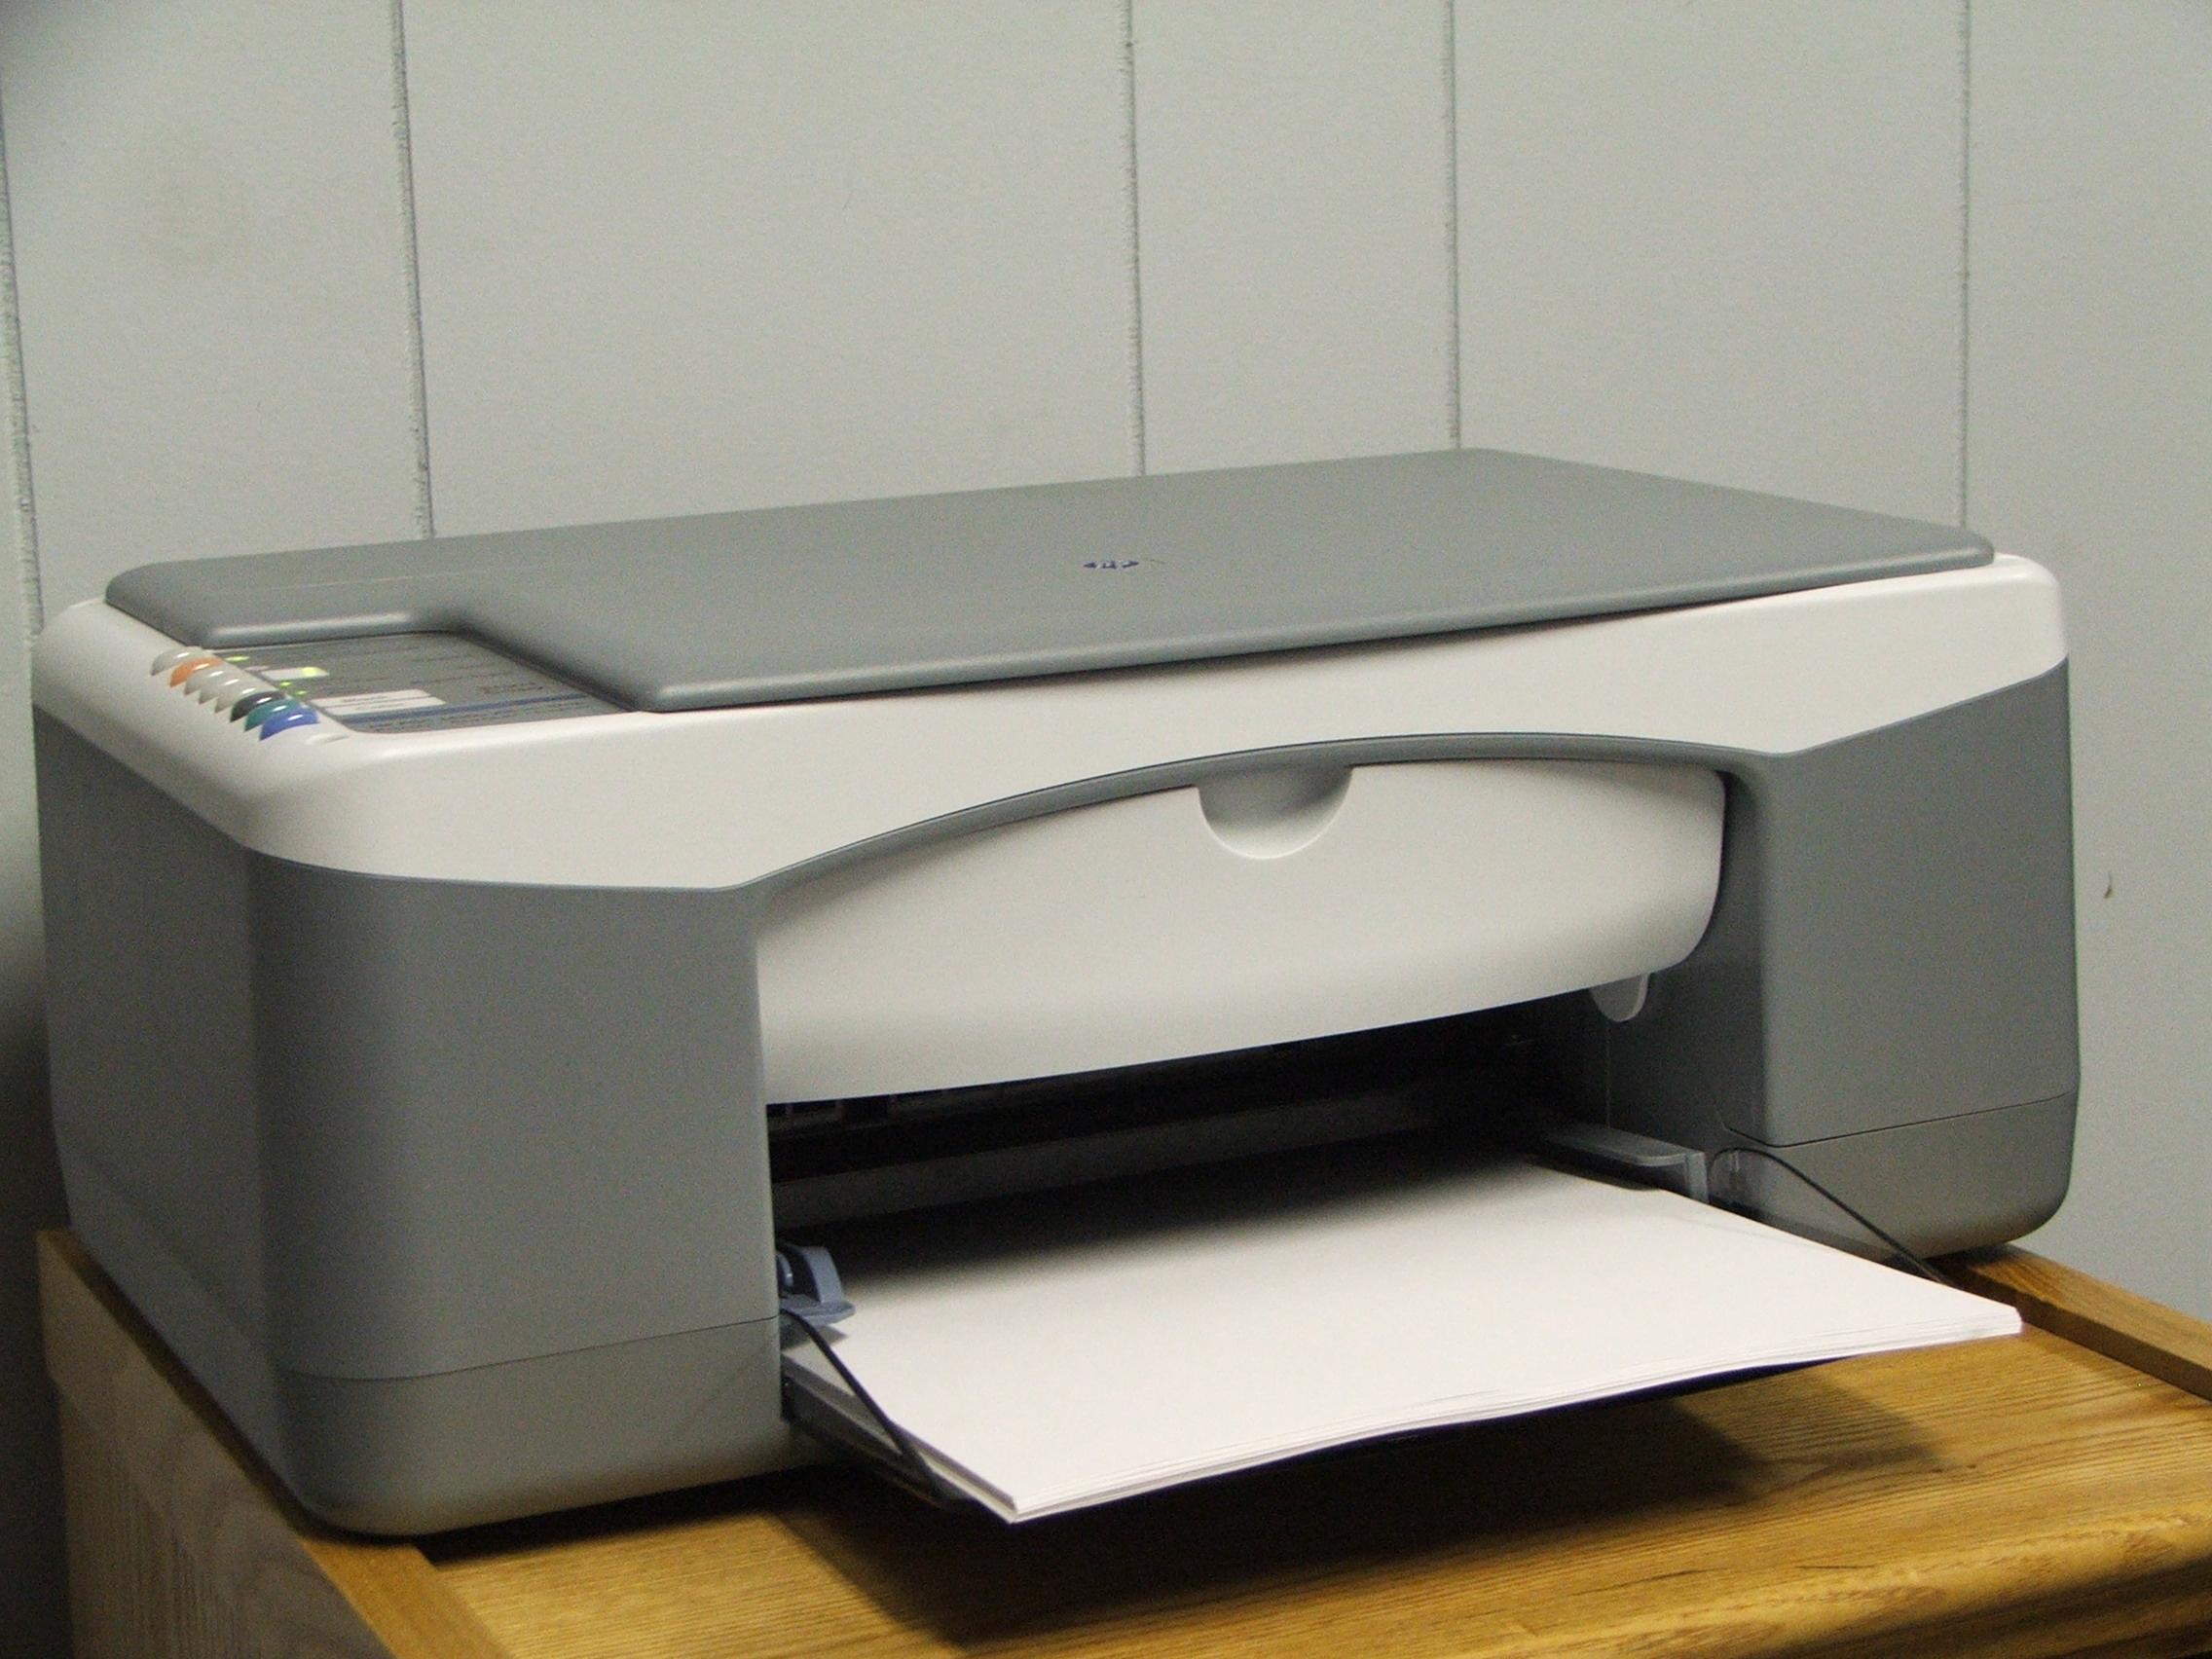 картинки принтер сломан